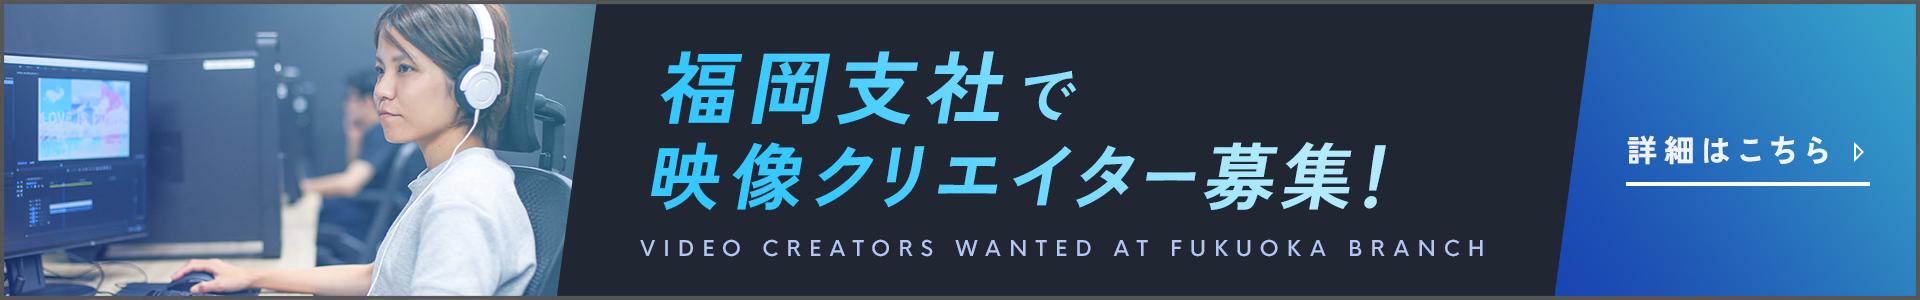 福岡支社で映像クリエイター募集!